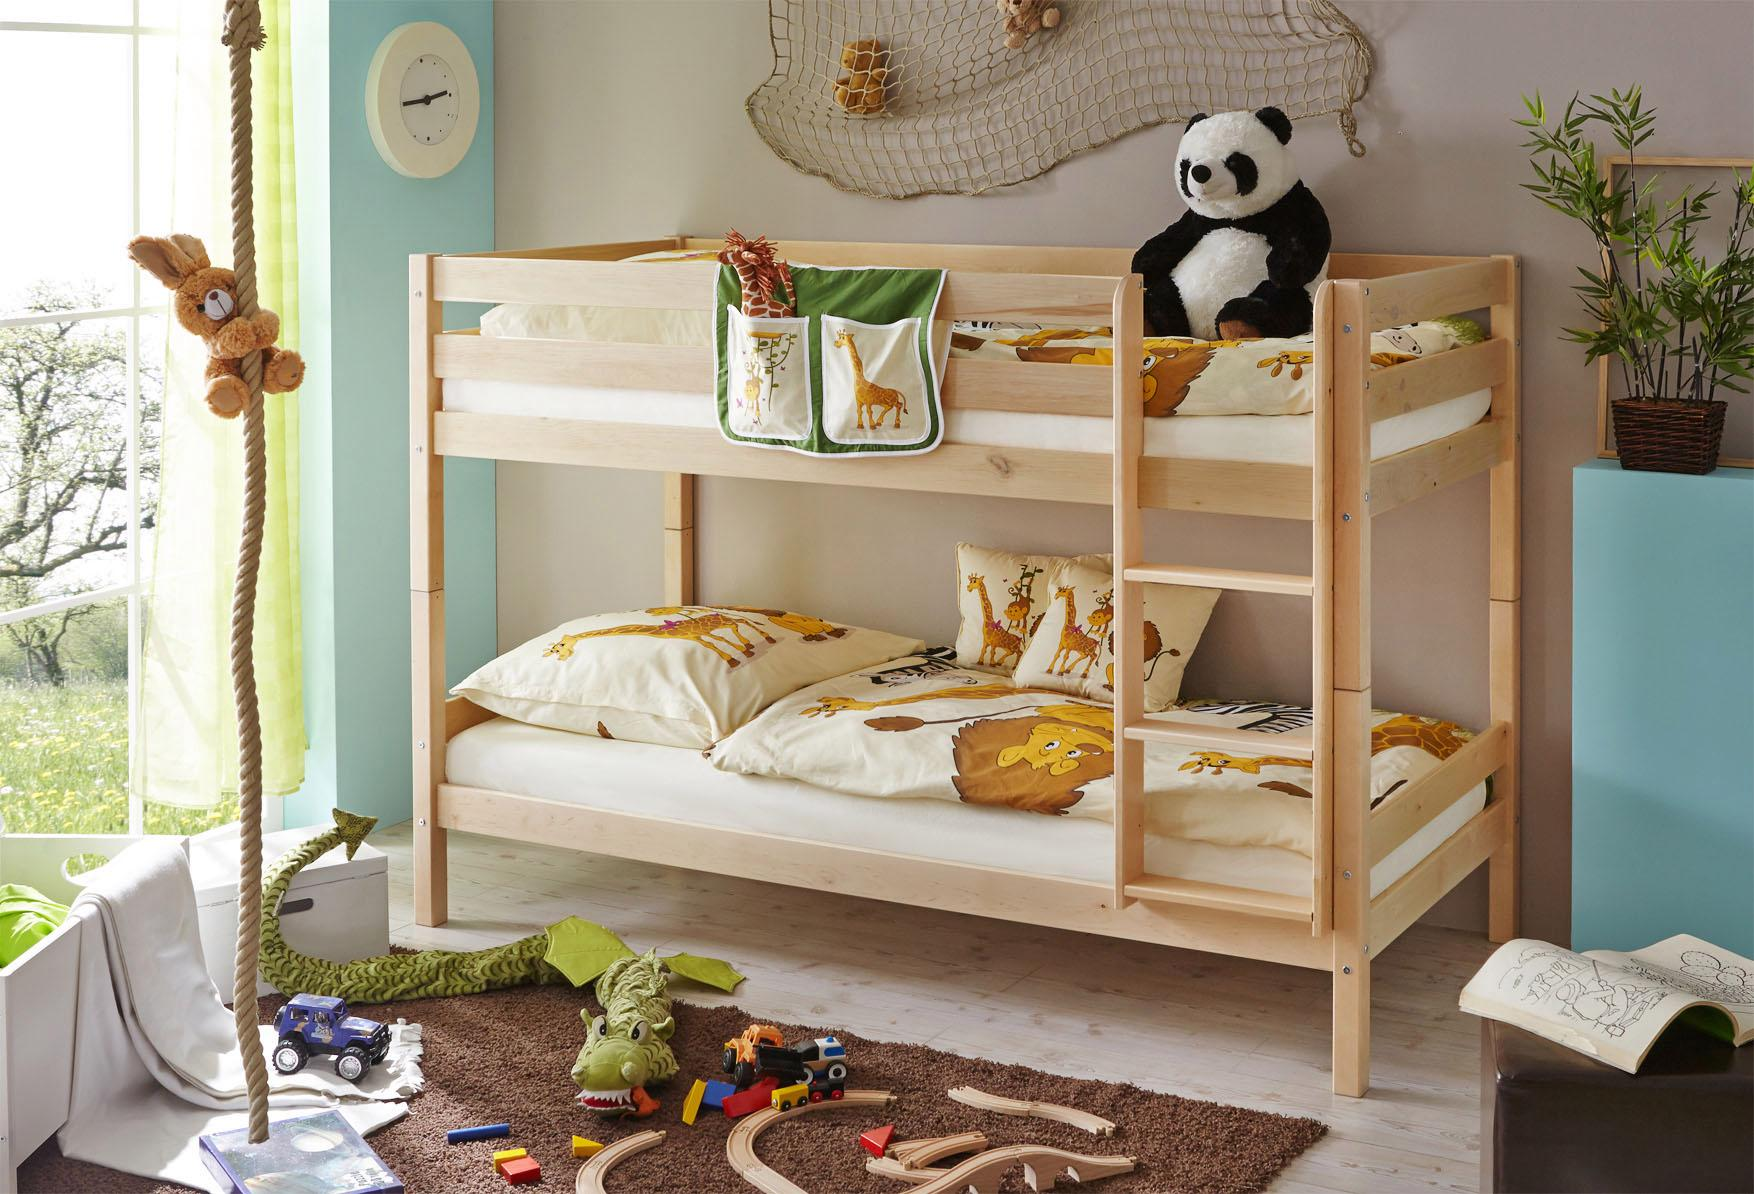 Quelle Etagenbett : Rabatt preisvergleich.de möbel u003e betten kinderbetten etagenbetten